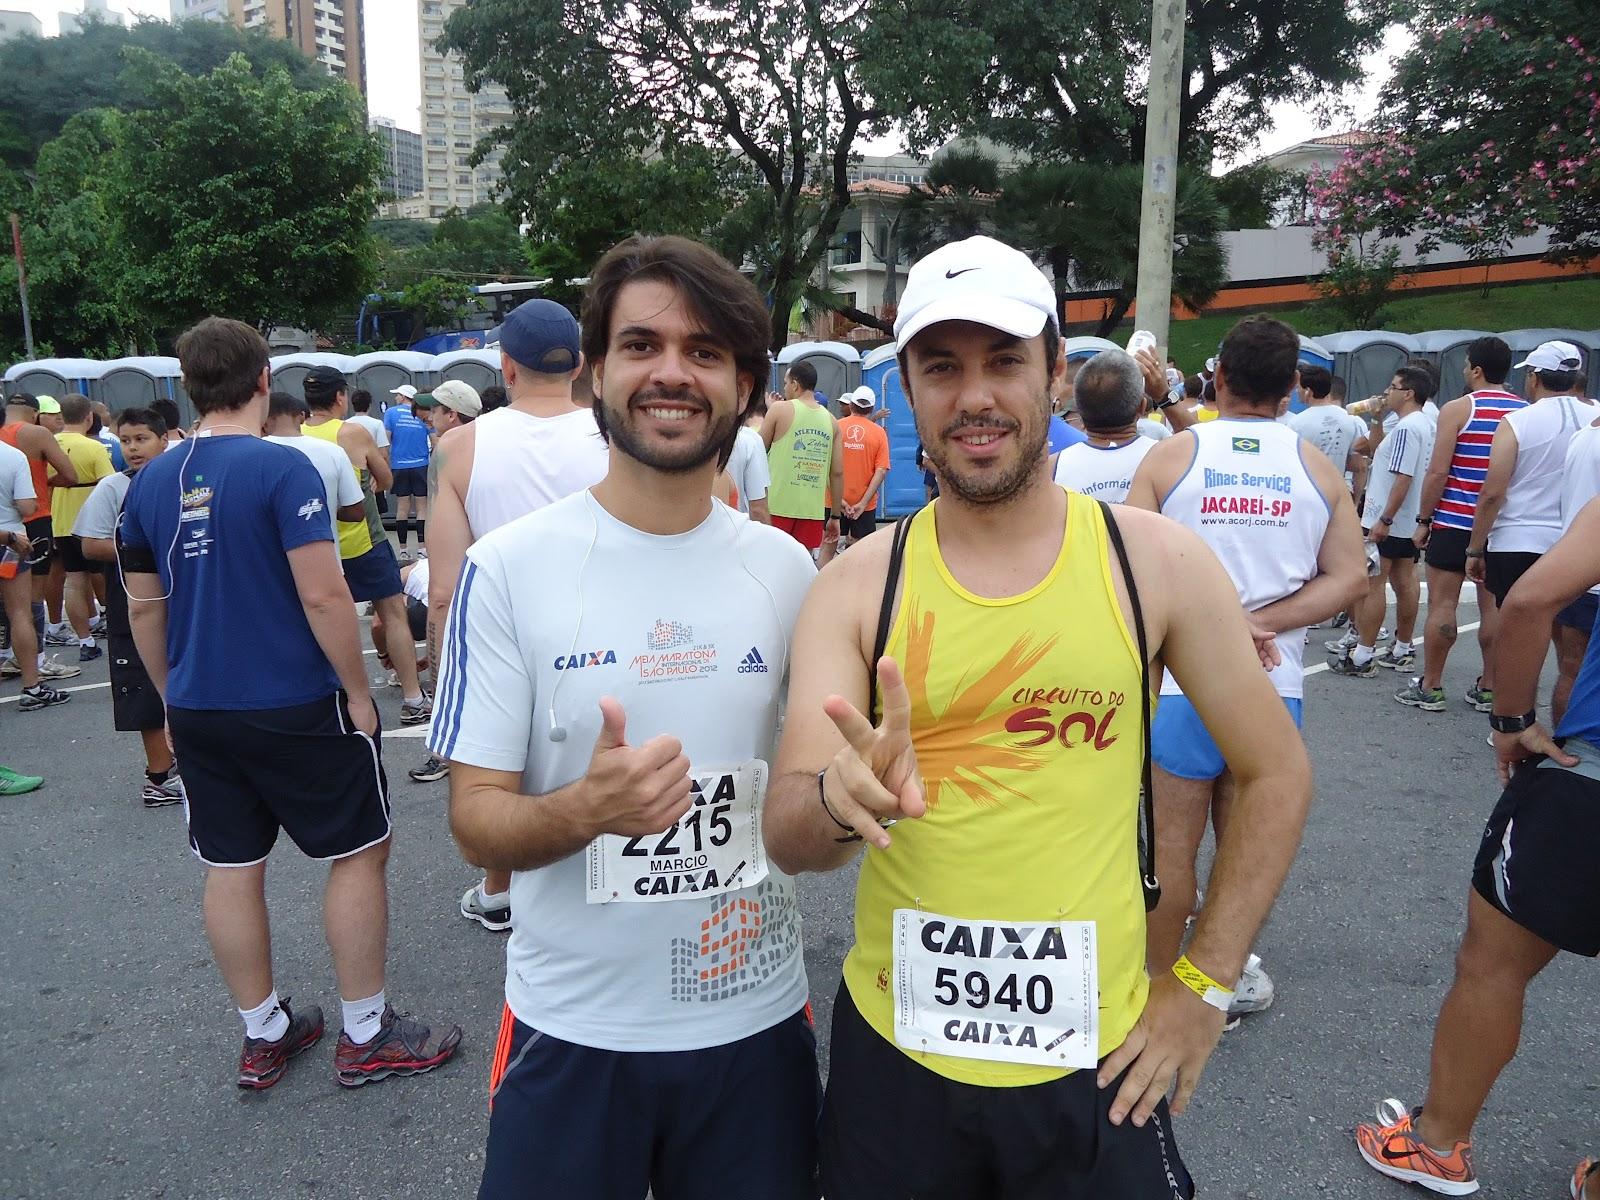 VI Meia Maratona Internacional de São Paulo 04.03.12 Aumentando o  #999632 1600 1200